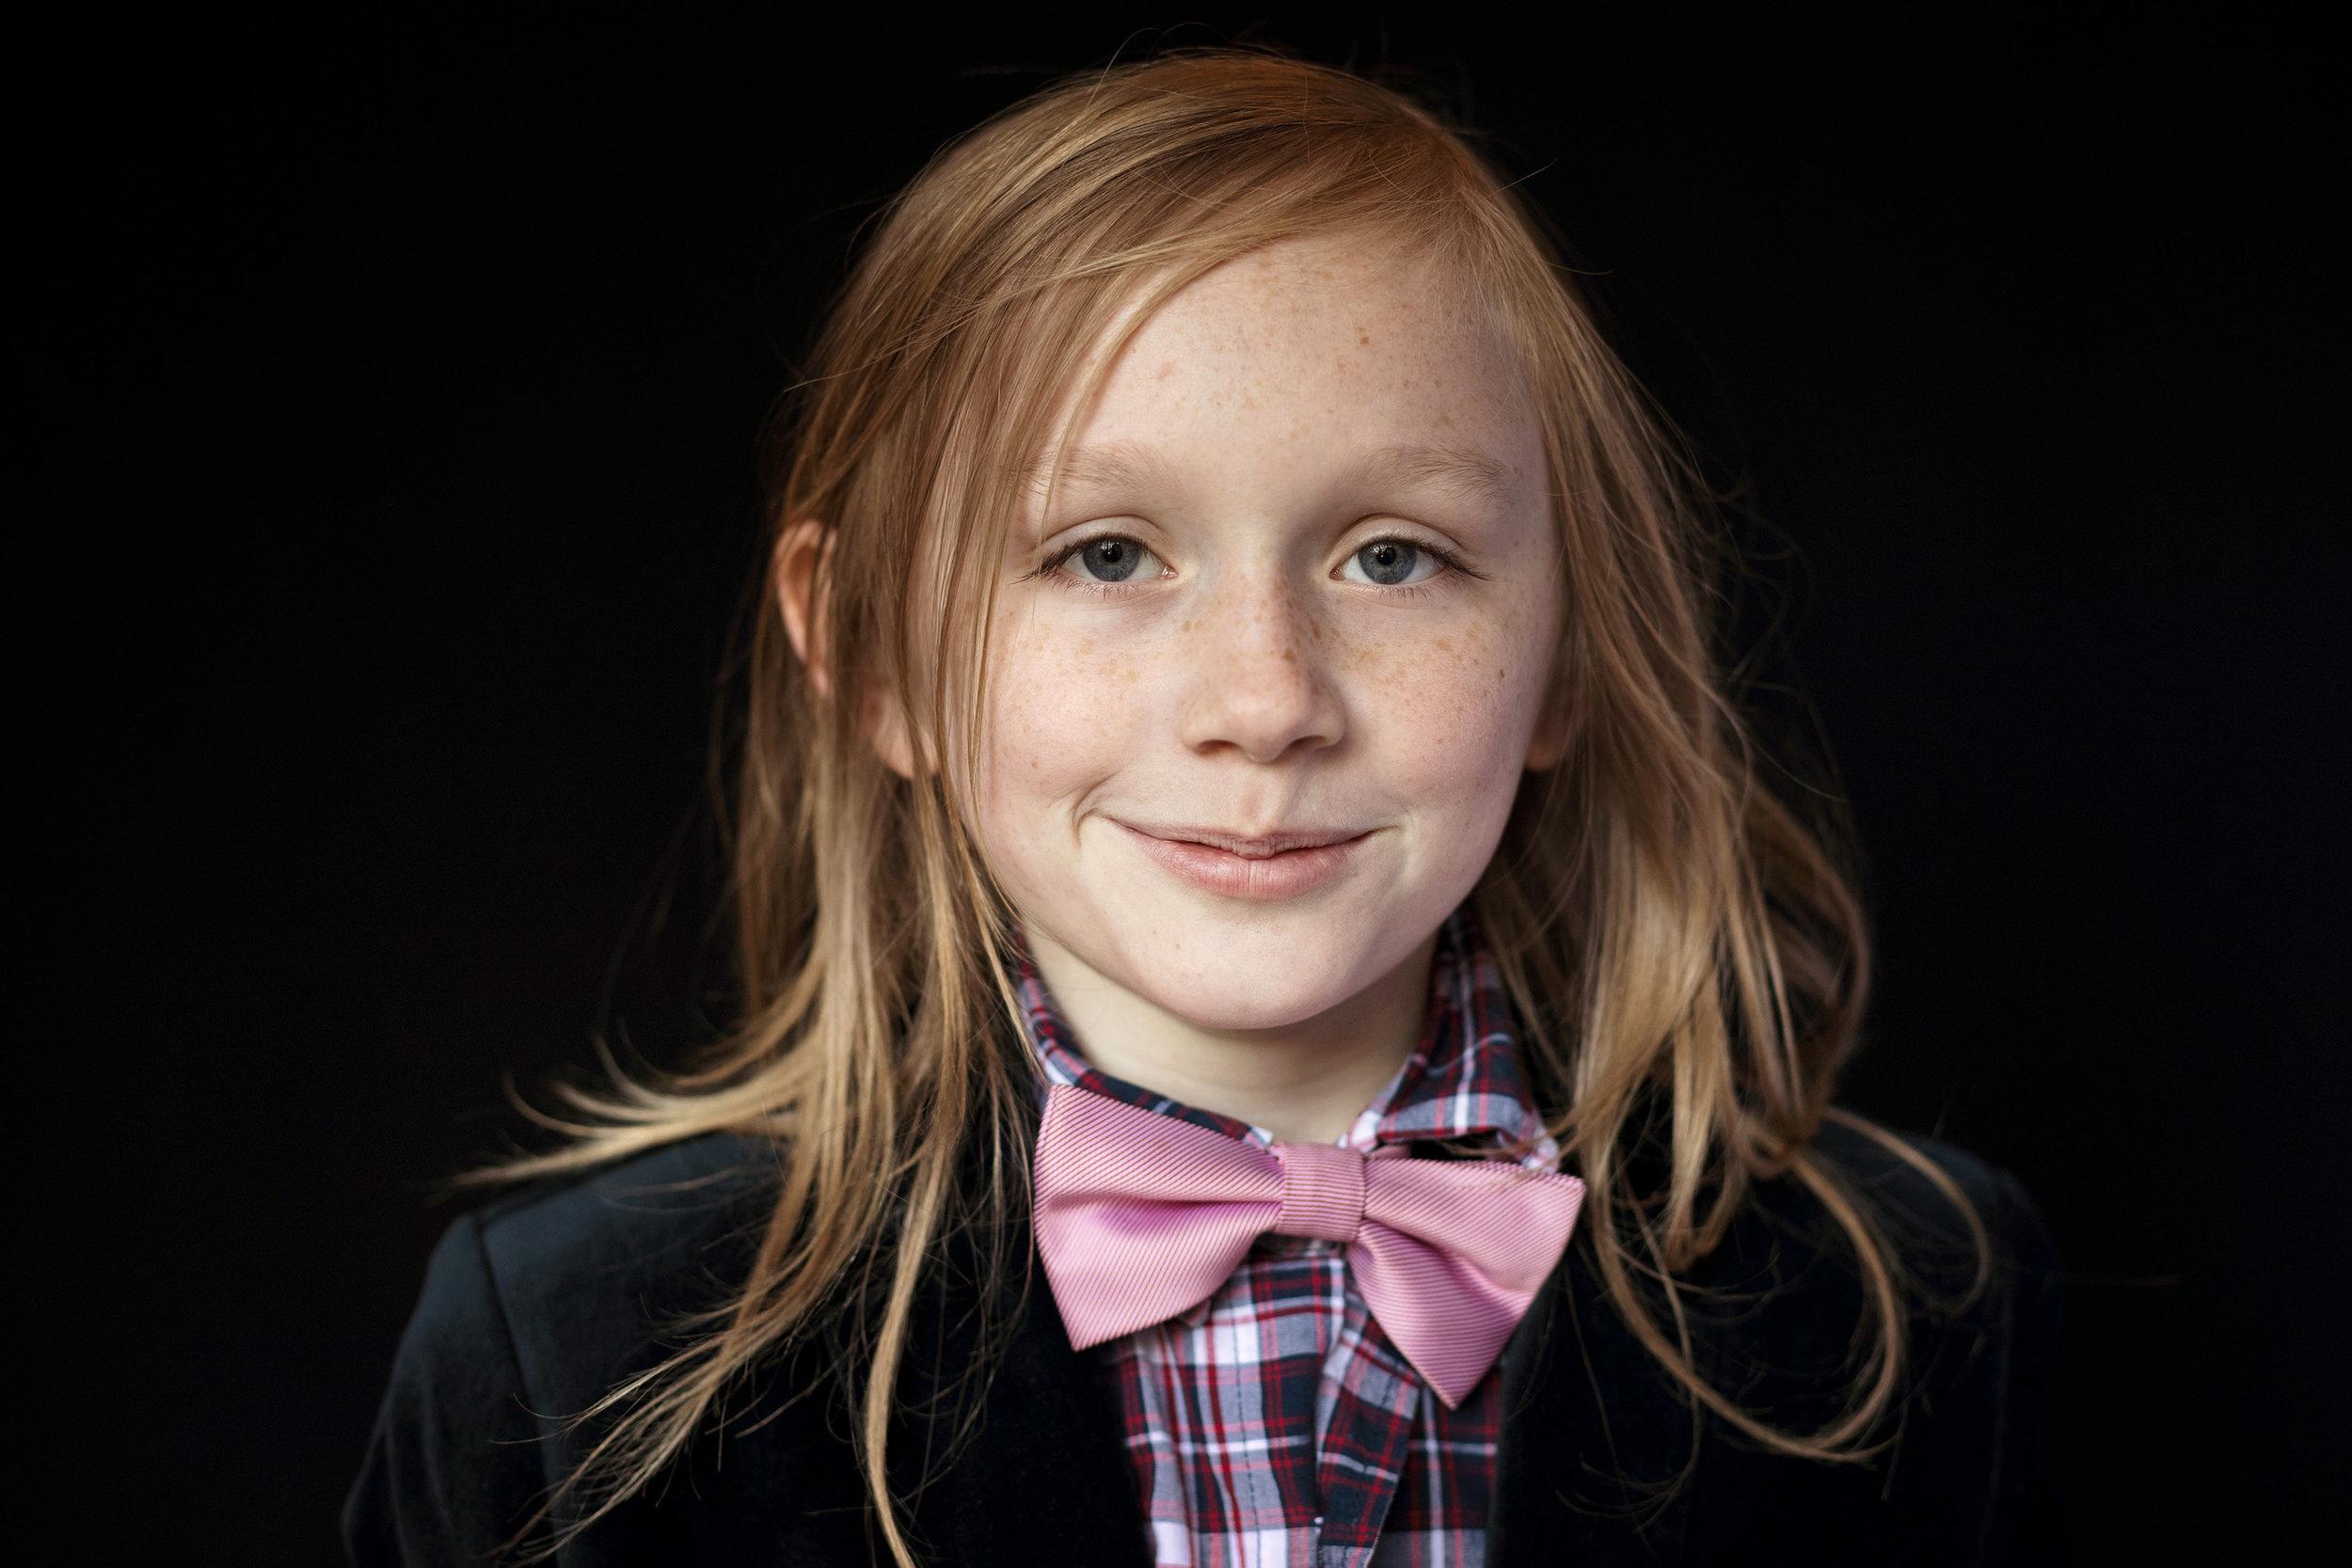 boy in tie with smirk grade school photo